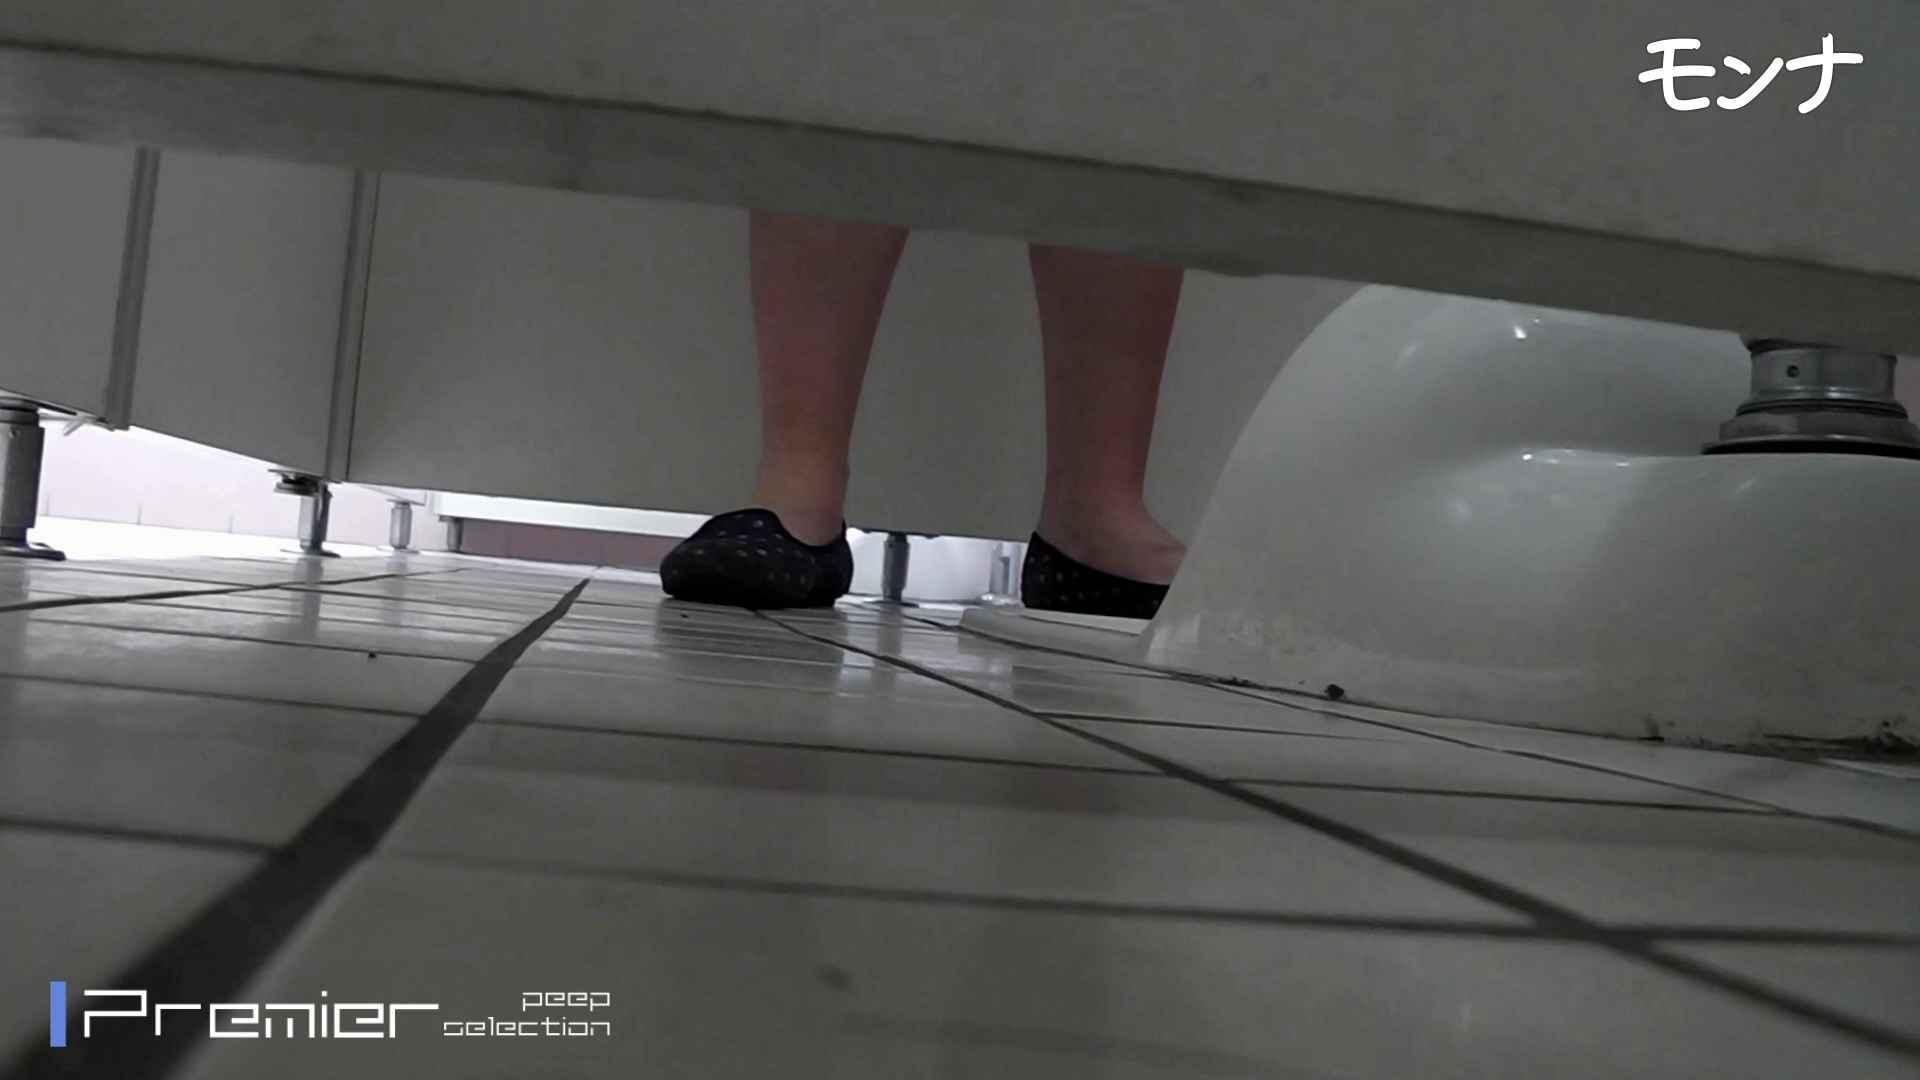 CM 悶絶シリーズ5 【美しい日本の未来 No.128】 ギャル盗撮映像 のぞき動画画像 100PIX 42